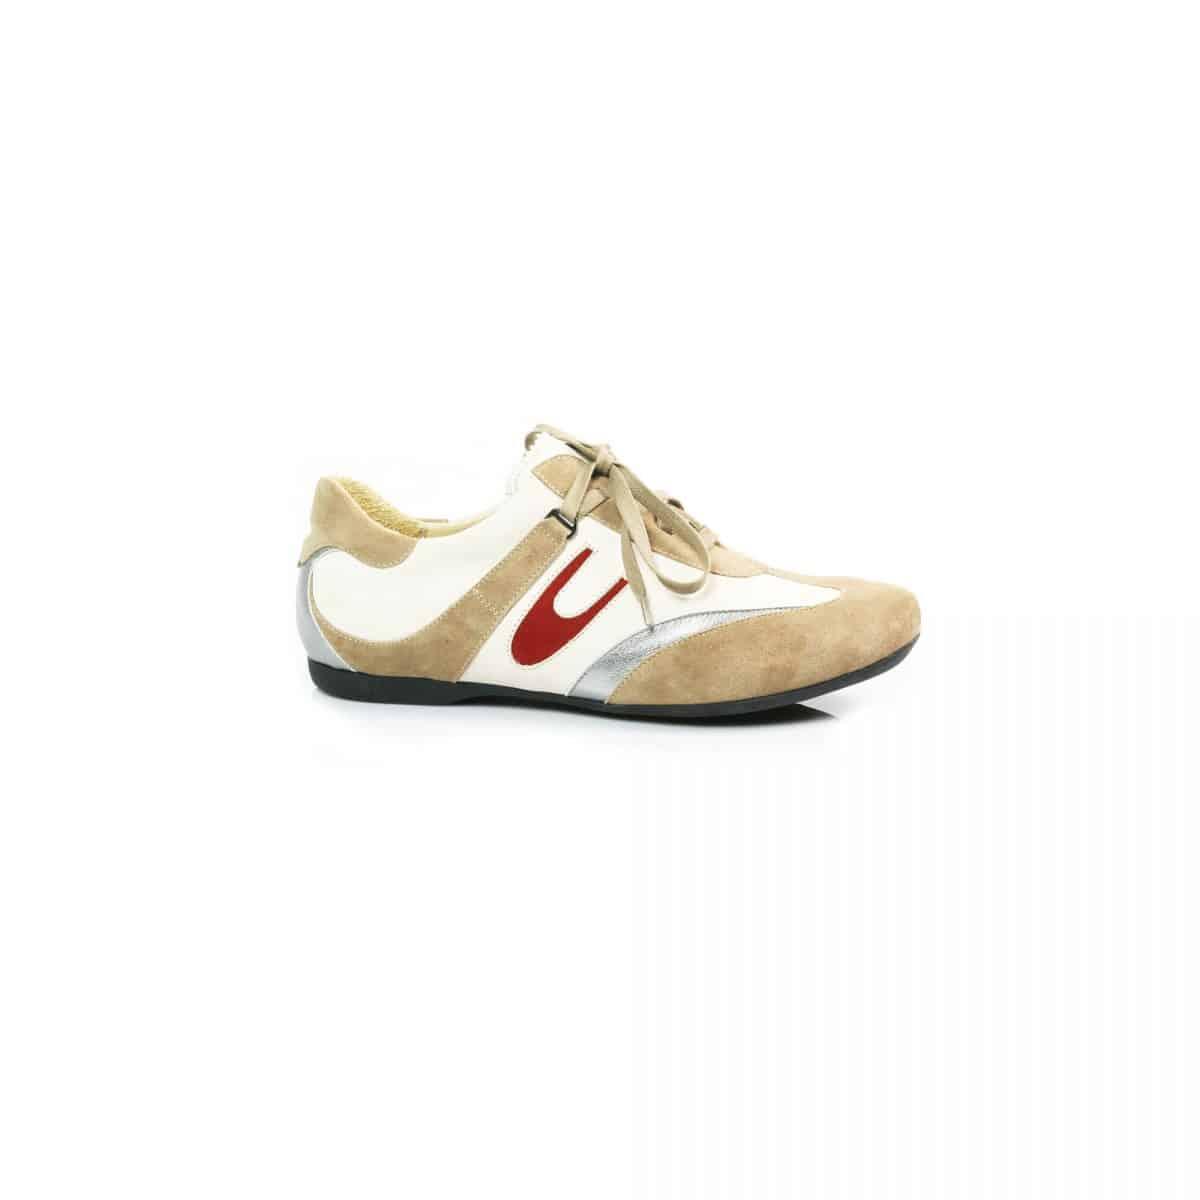 scarpe per riattivare la circolazione angelo caroli